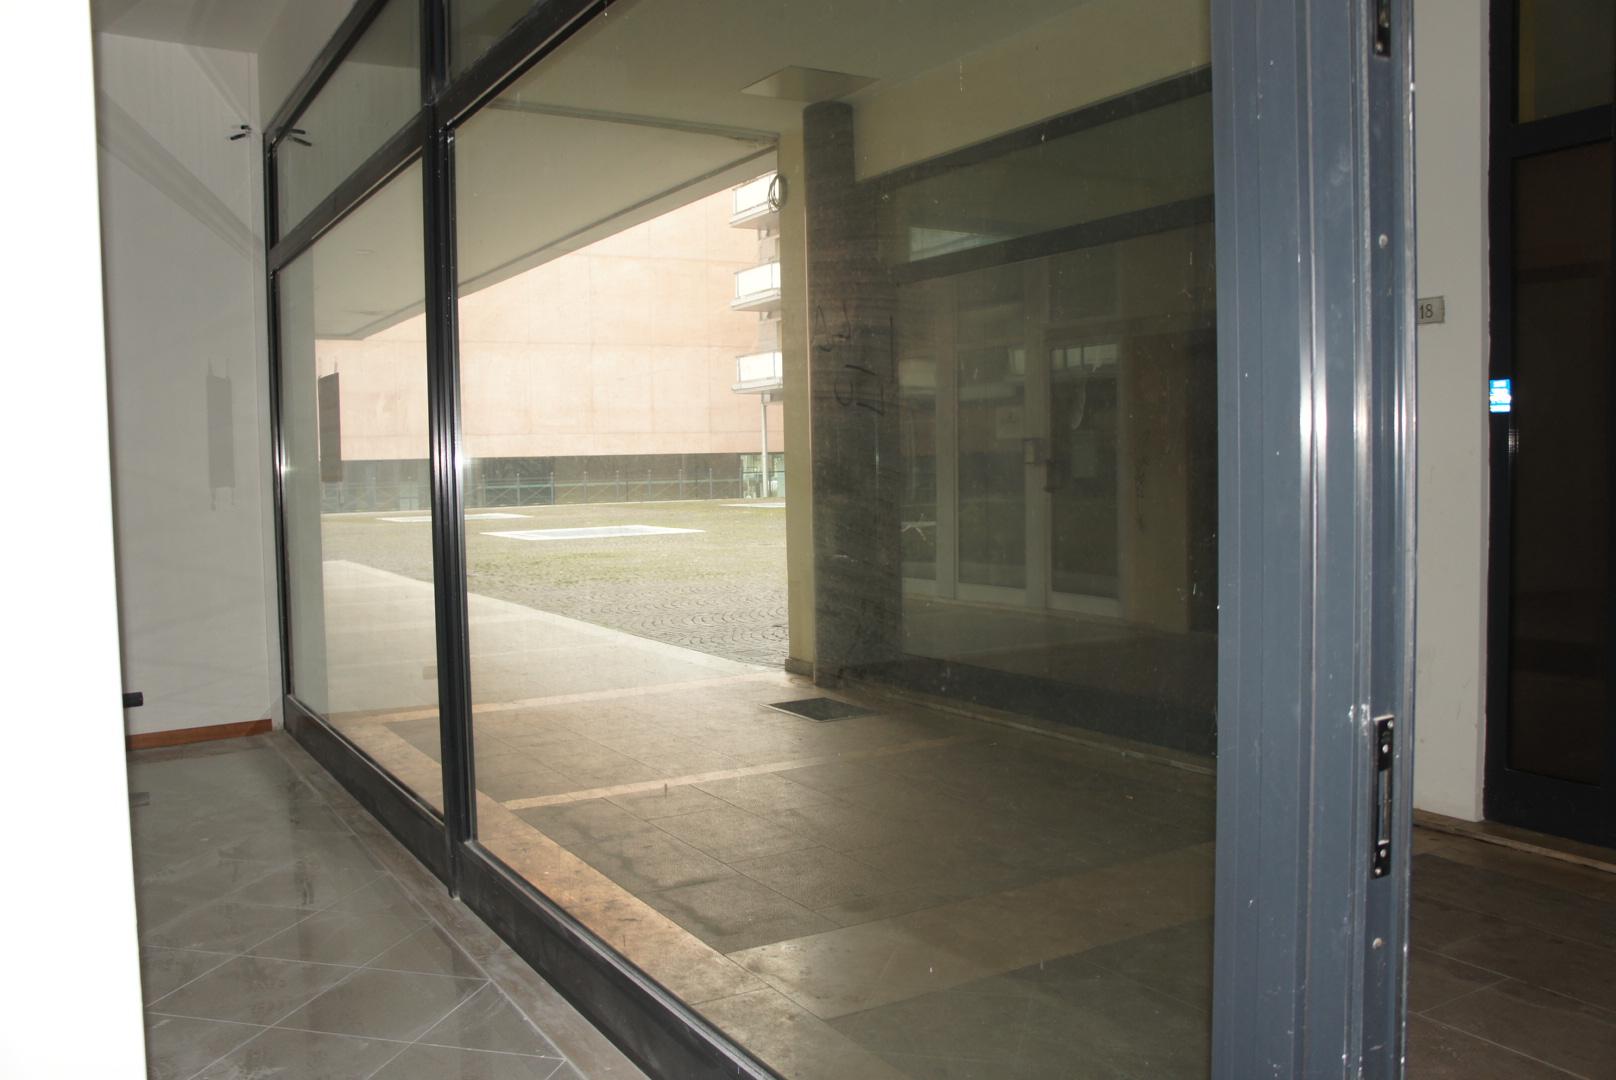 Attività / Licenza in affitto a San Donà di Piave, 9999 locali, zona Località: Centro, prezzo € 750   Cambio Casa.it